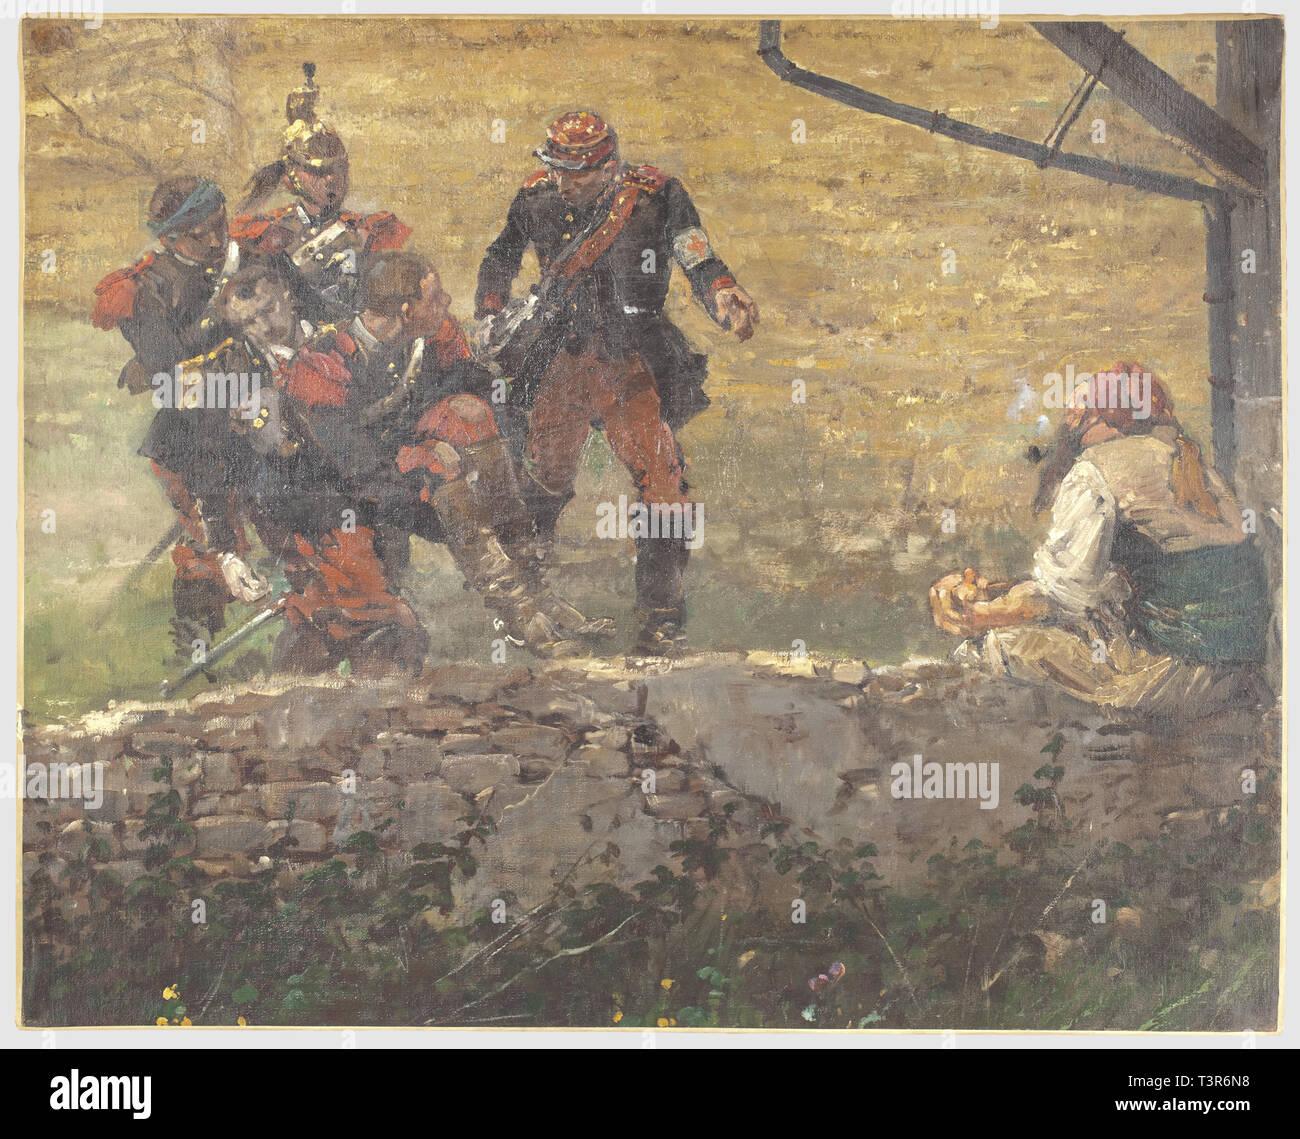 SECONDE REPUBLIQUE ET SECOND EMPIRE 1848-1870, Fragment du panorama de la Bataille de Rezonville, exécuté par le peintre militaire Edouard Detaille et par son atelier, Cet extrait (huile sur toile) représente des dragons transportant un officier blessé accompagné d'un infirmier indiquant la direction à suivre, assis sur un muret, un zouave les regarde en fumant sa pipe. Sur le panorama original, ce fragment était situé en avant de la brigade Murat (1er et 9ème dragons), rangée en bataille, en premier plan se situait l'ambulance de campagne aménag, Additional-Rights-Clearance-Info-Not-Available - Stock Image